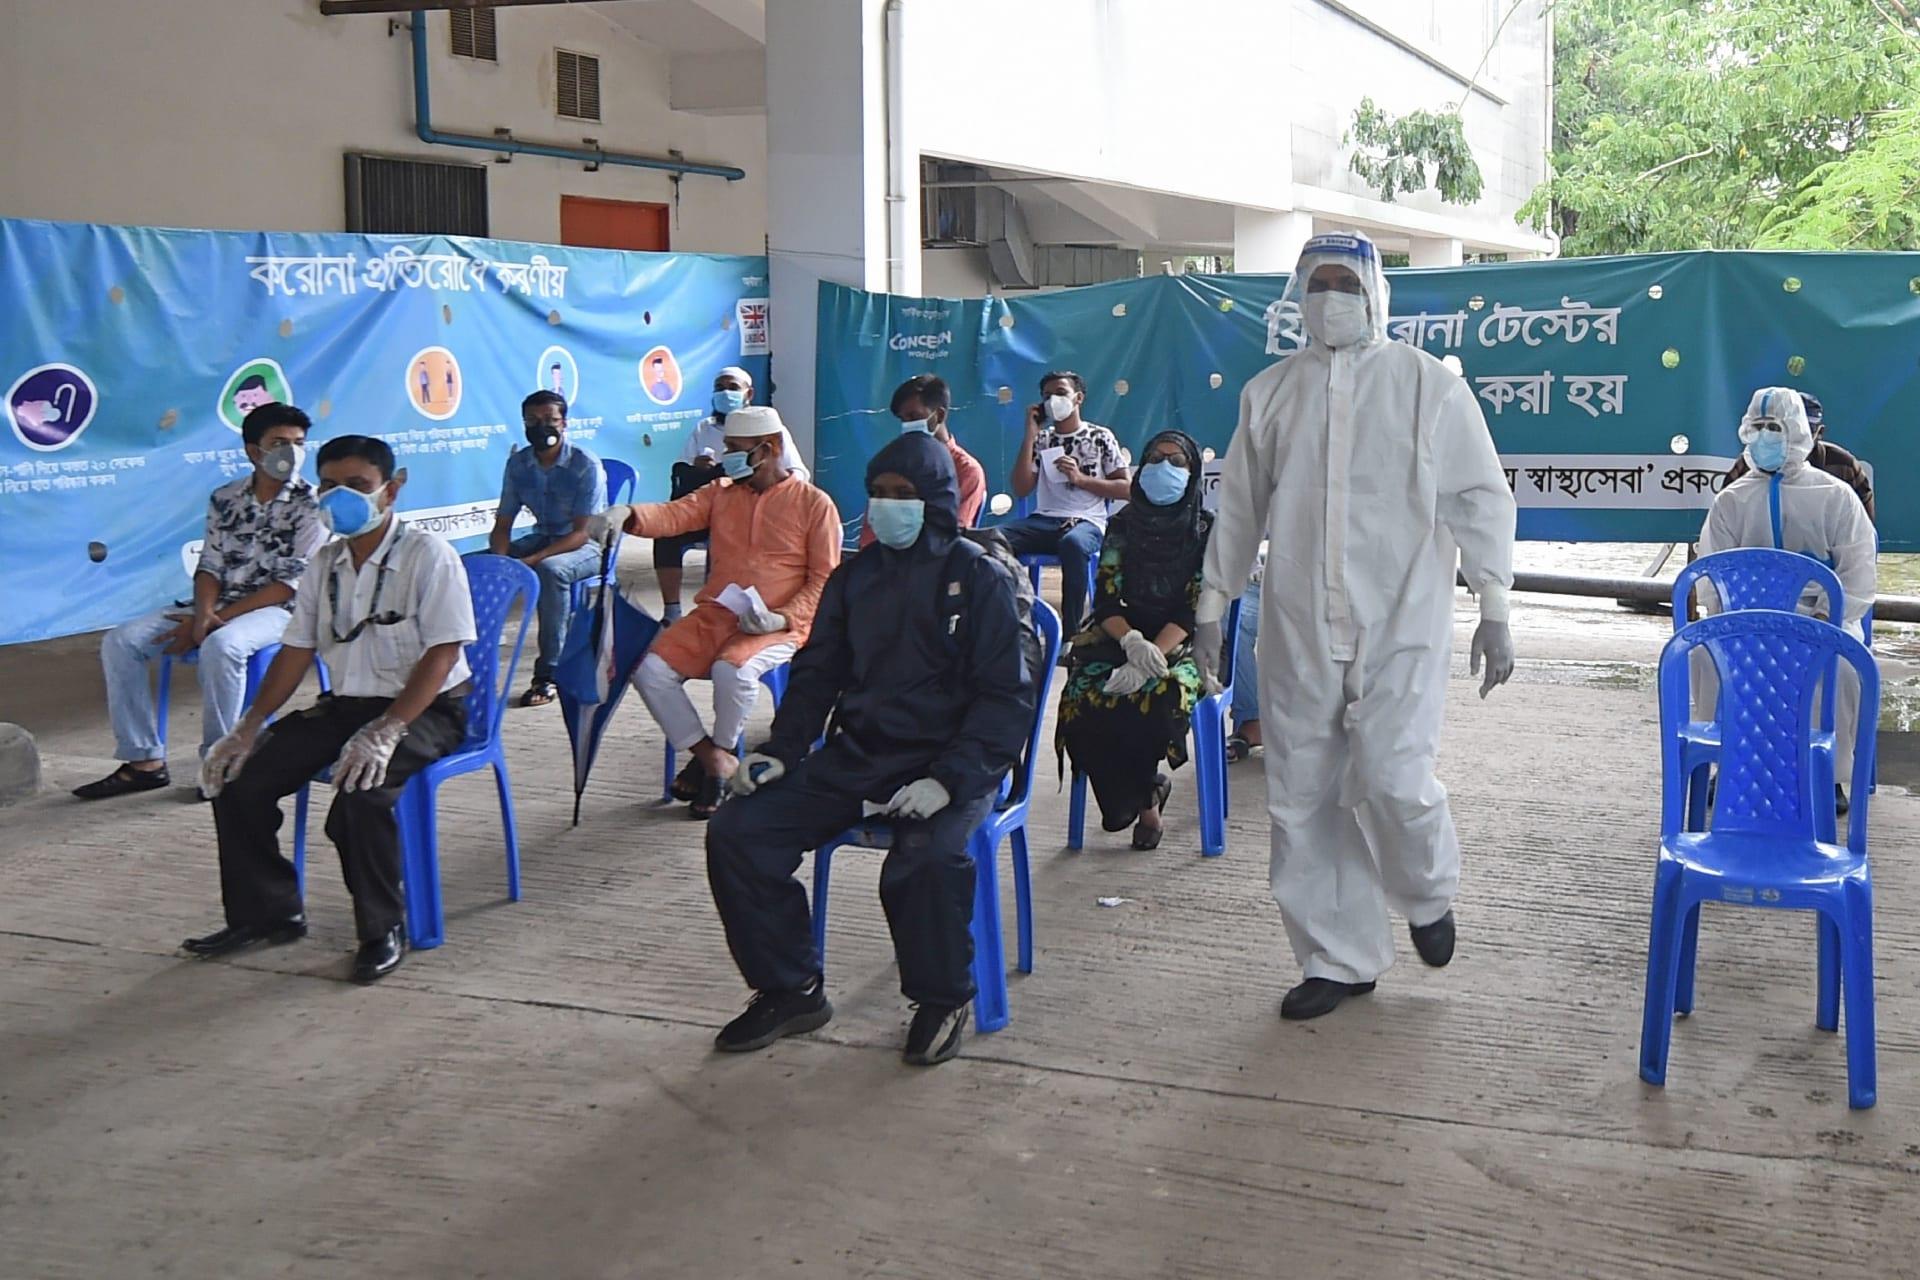 """بنغلاديش.. القبض على صاحب مستشفى لدى هروبه مرتديًا """"البرقع"""" بعد تزويره آلاف من اختبارات كورونا"""